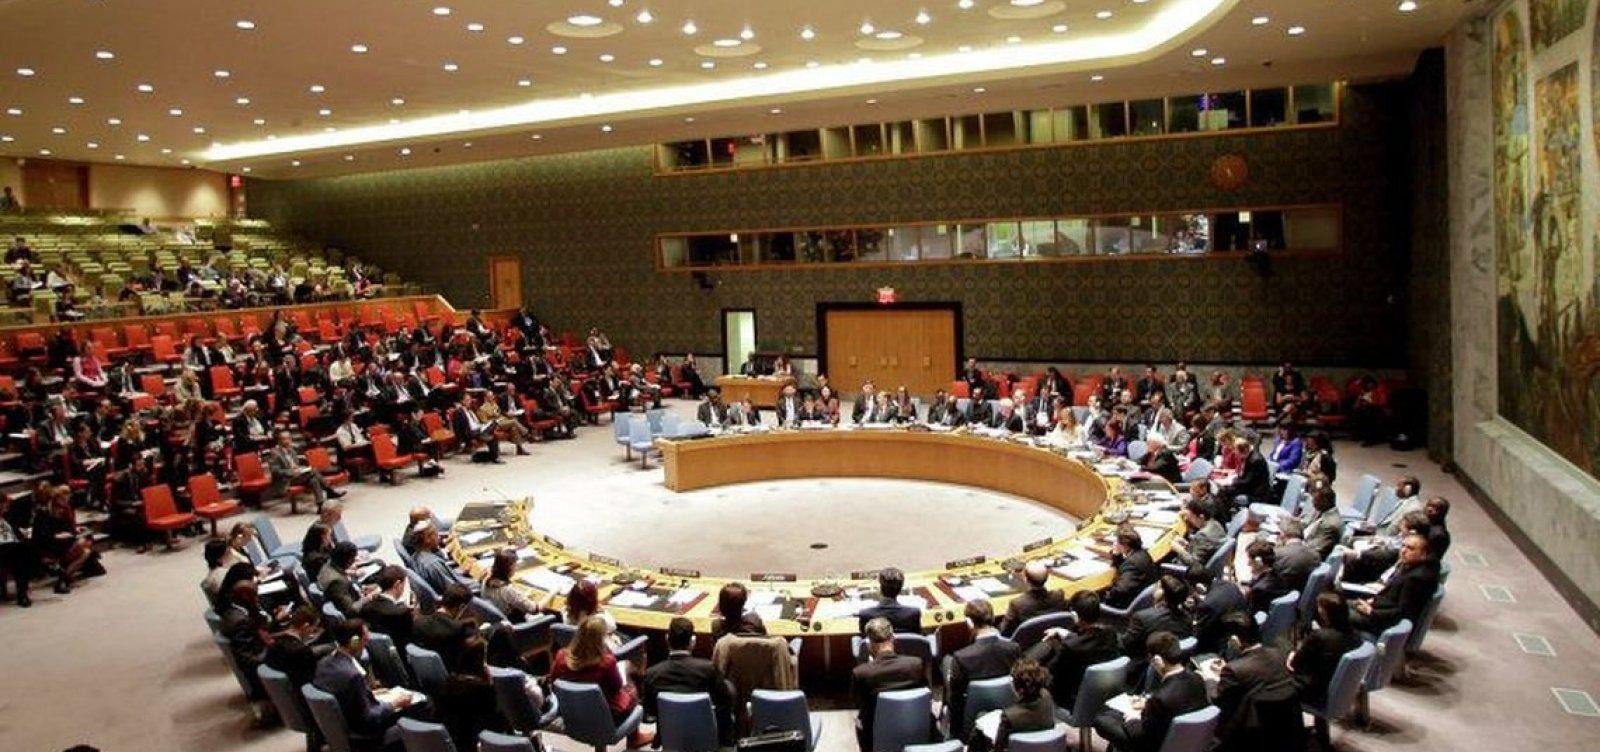 Argentina, Uruguai e Bahamas são eleitos para Conselho de Direitos Humanos da ONU